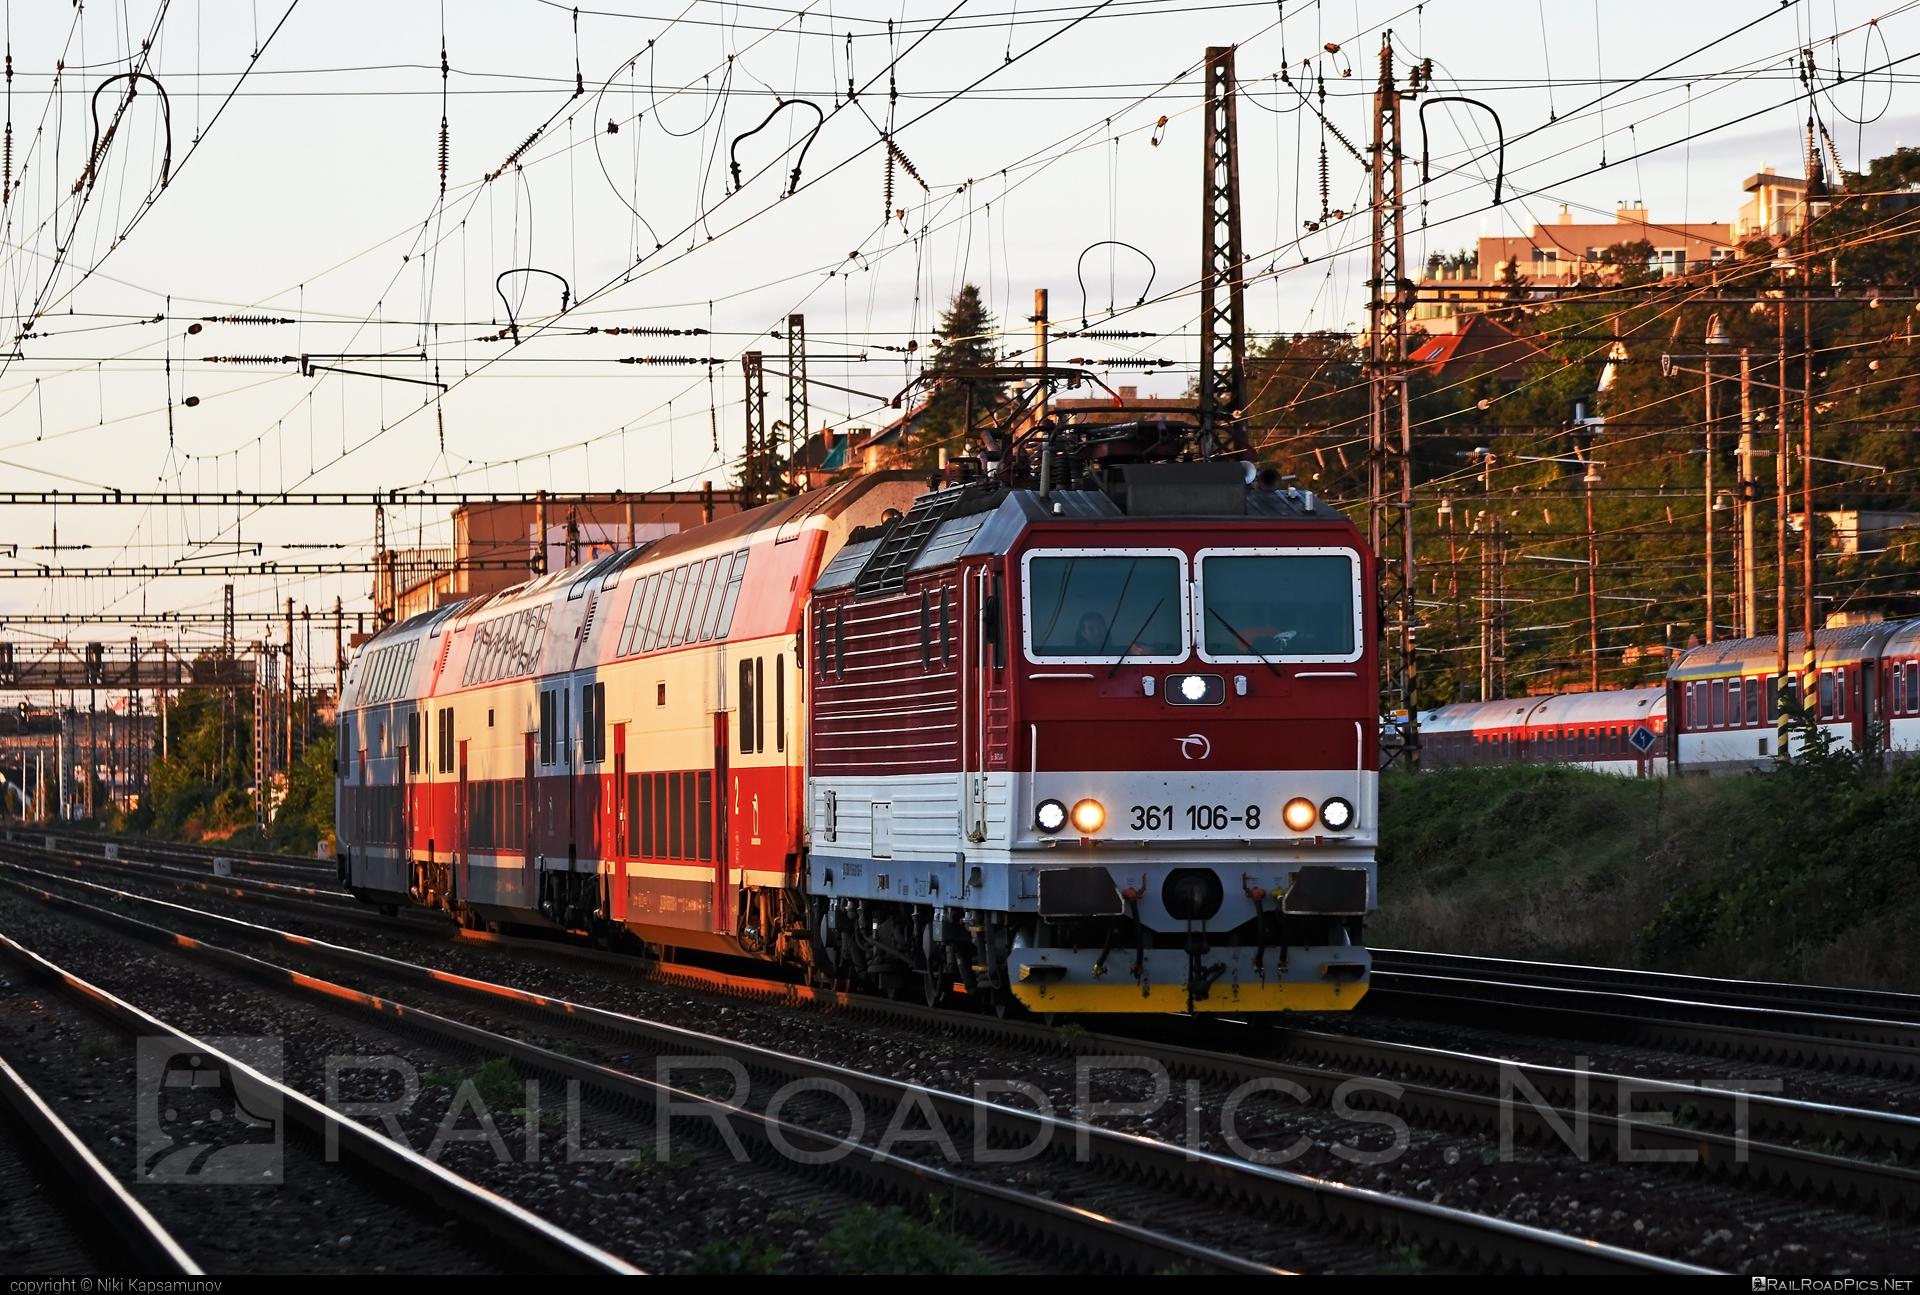 ŽOS Vrútky Class 361.1 - 361 106-8 operated by Železničná Spoločnost' Slovensko, a.s. #ZeleznicnaSpolocnostSlovensko #locomotive361 #locomotive3611 #zosvrutky #zssk